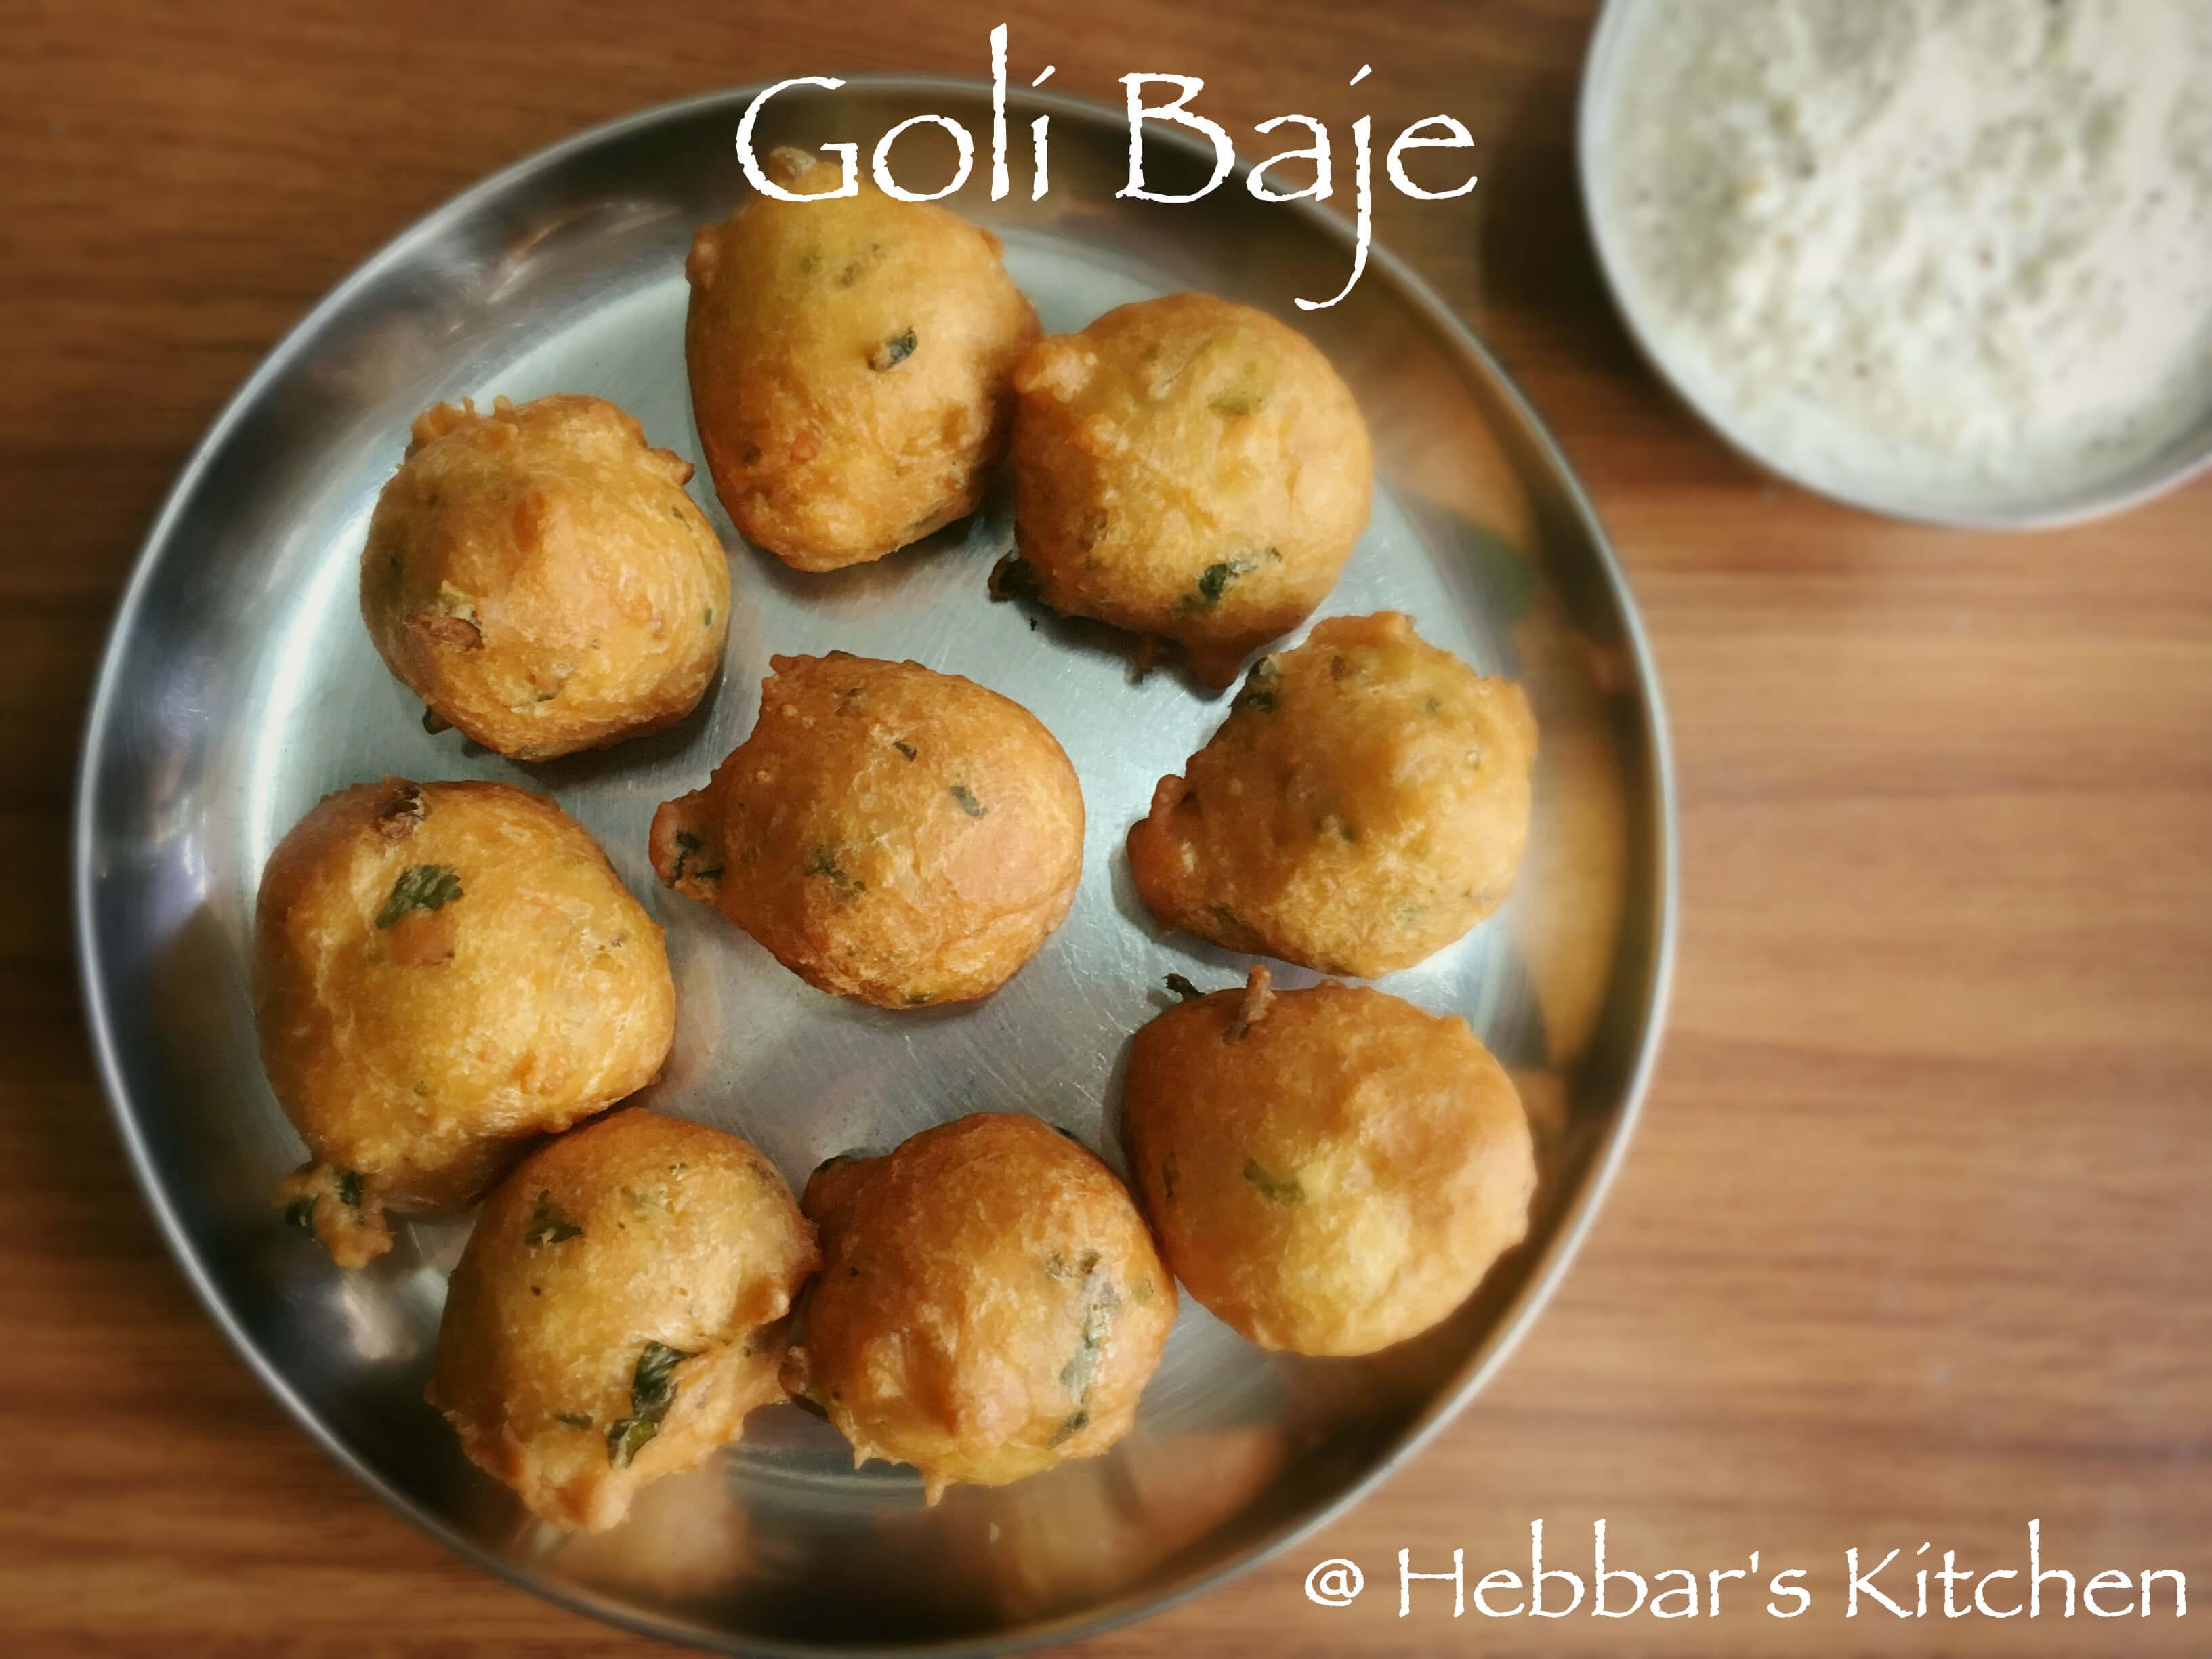 Goli Baje Hebbar S Kitchen